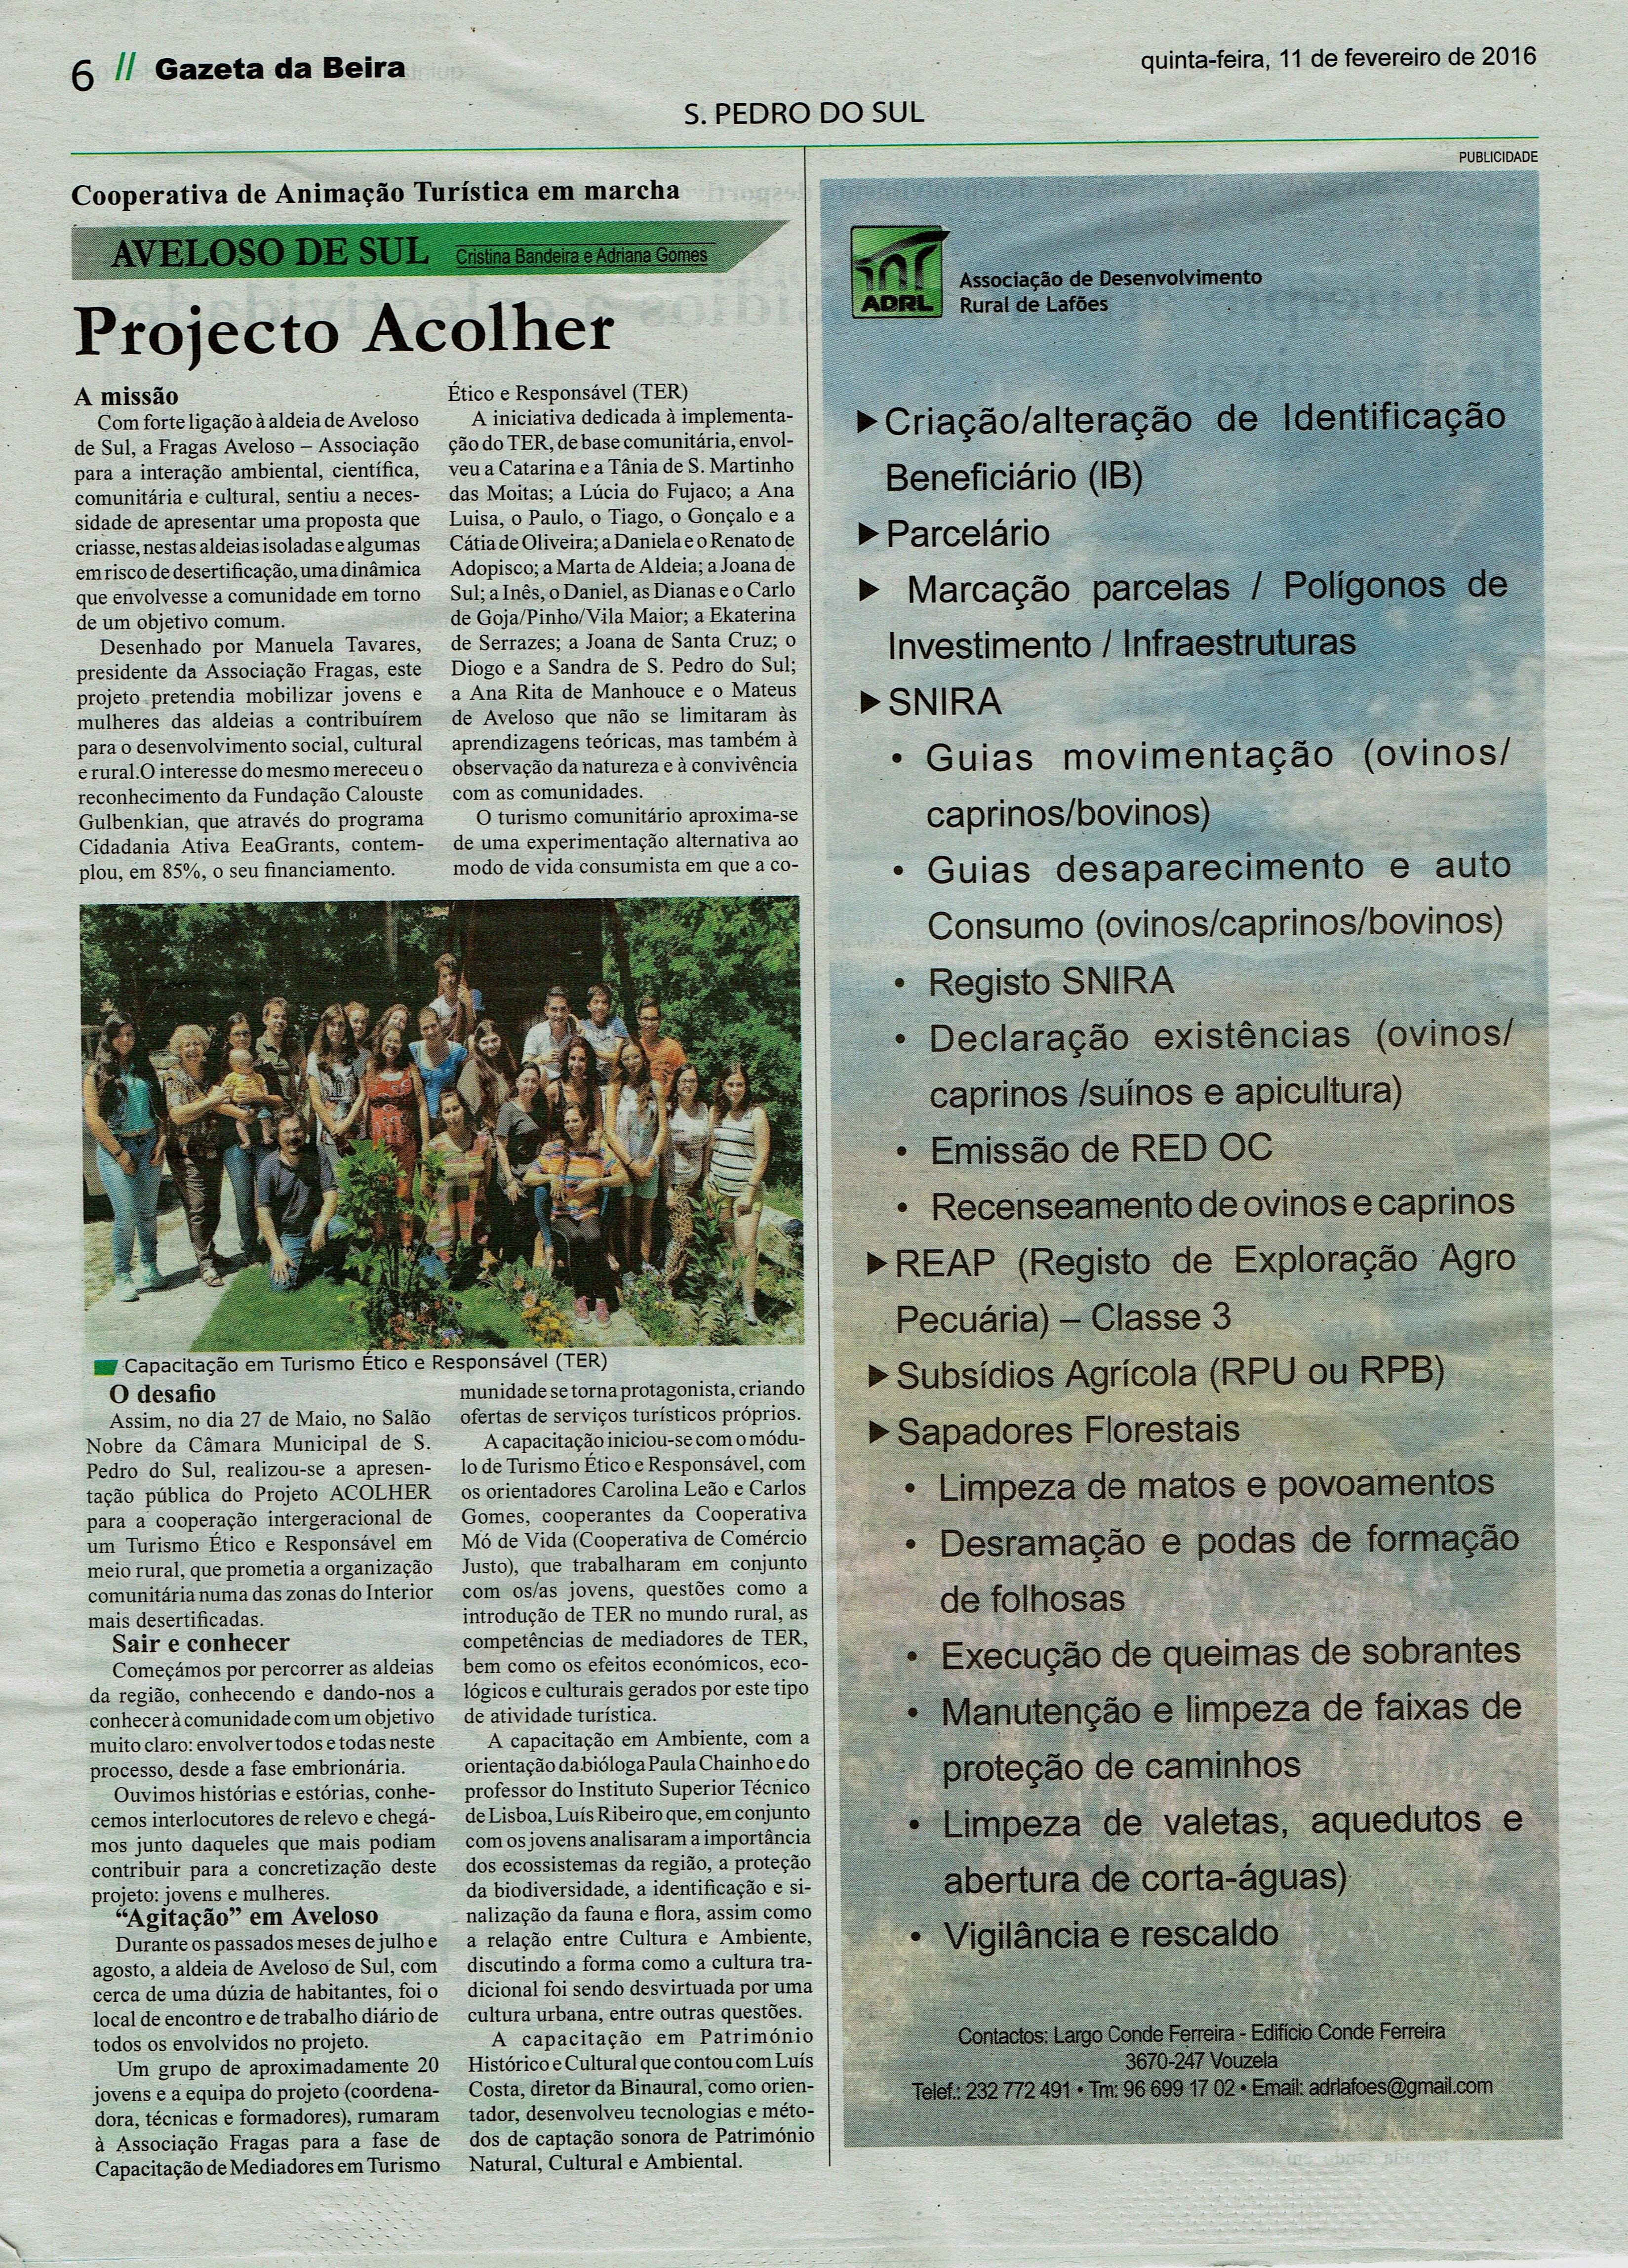 Notícia do Jornal Gazeta da Beira sobre o trabalho desenvolvido pelo Projeto ACOLHER.